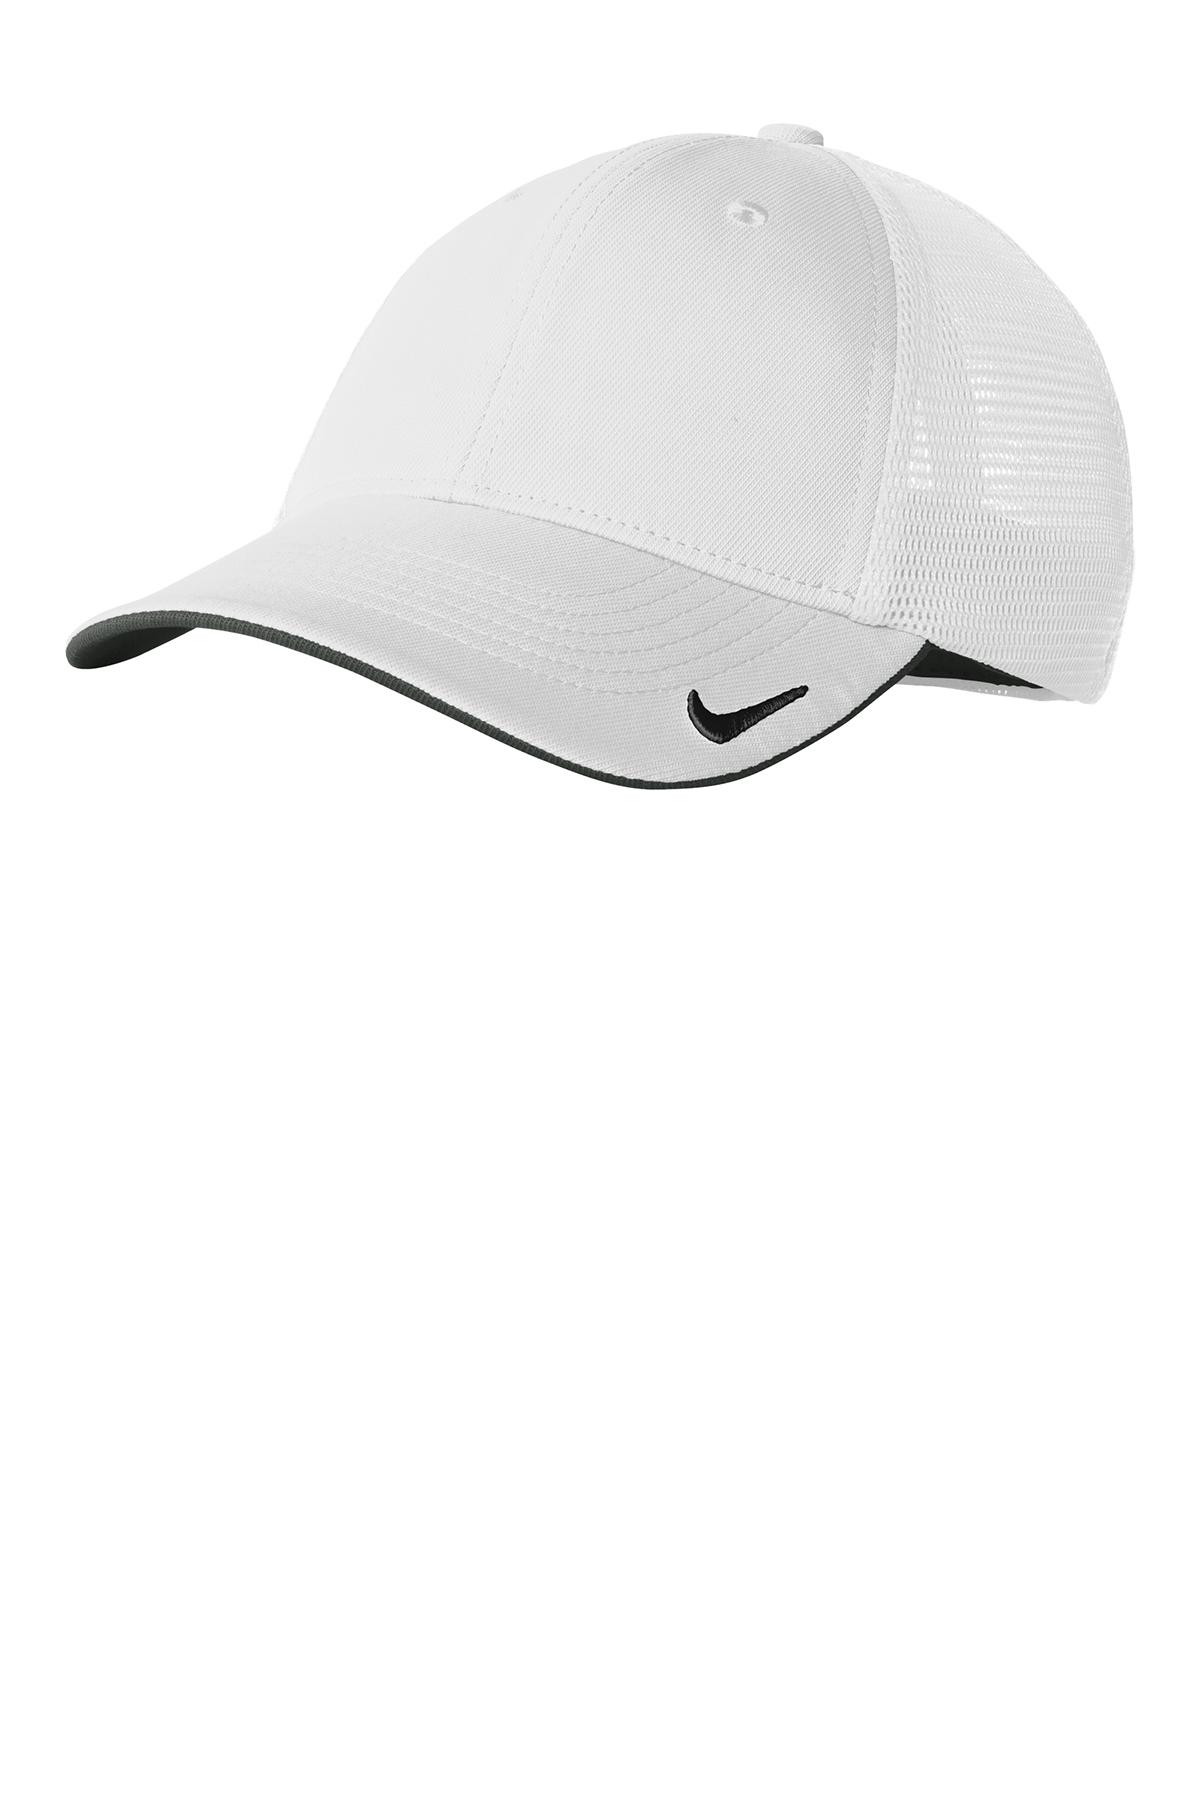 907661e3 Nike Dri-FIT Mesh Back Cap | Caps | SanMar